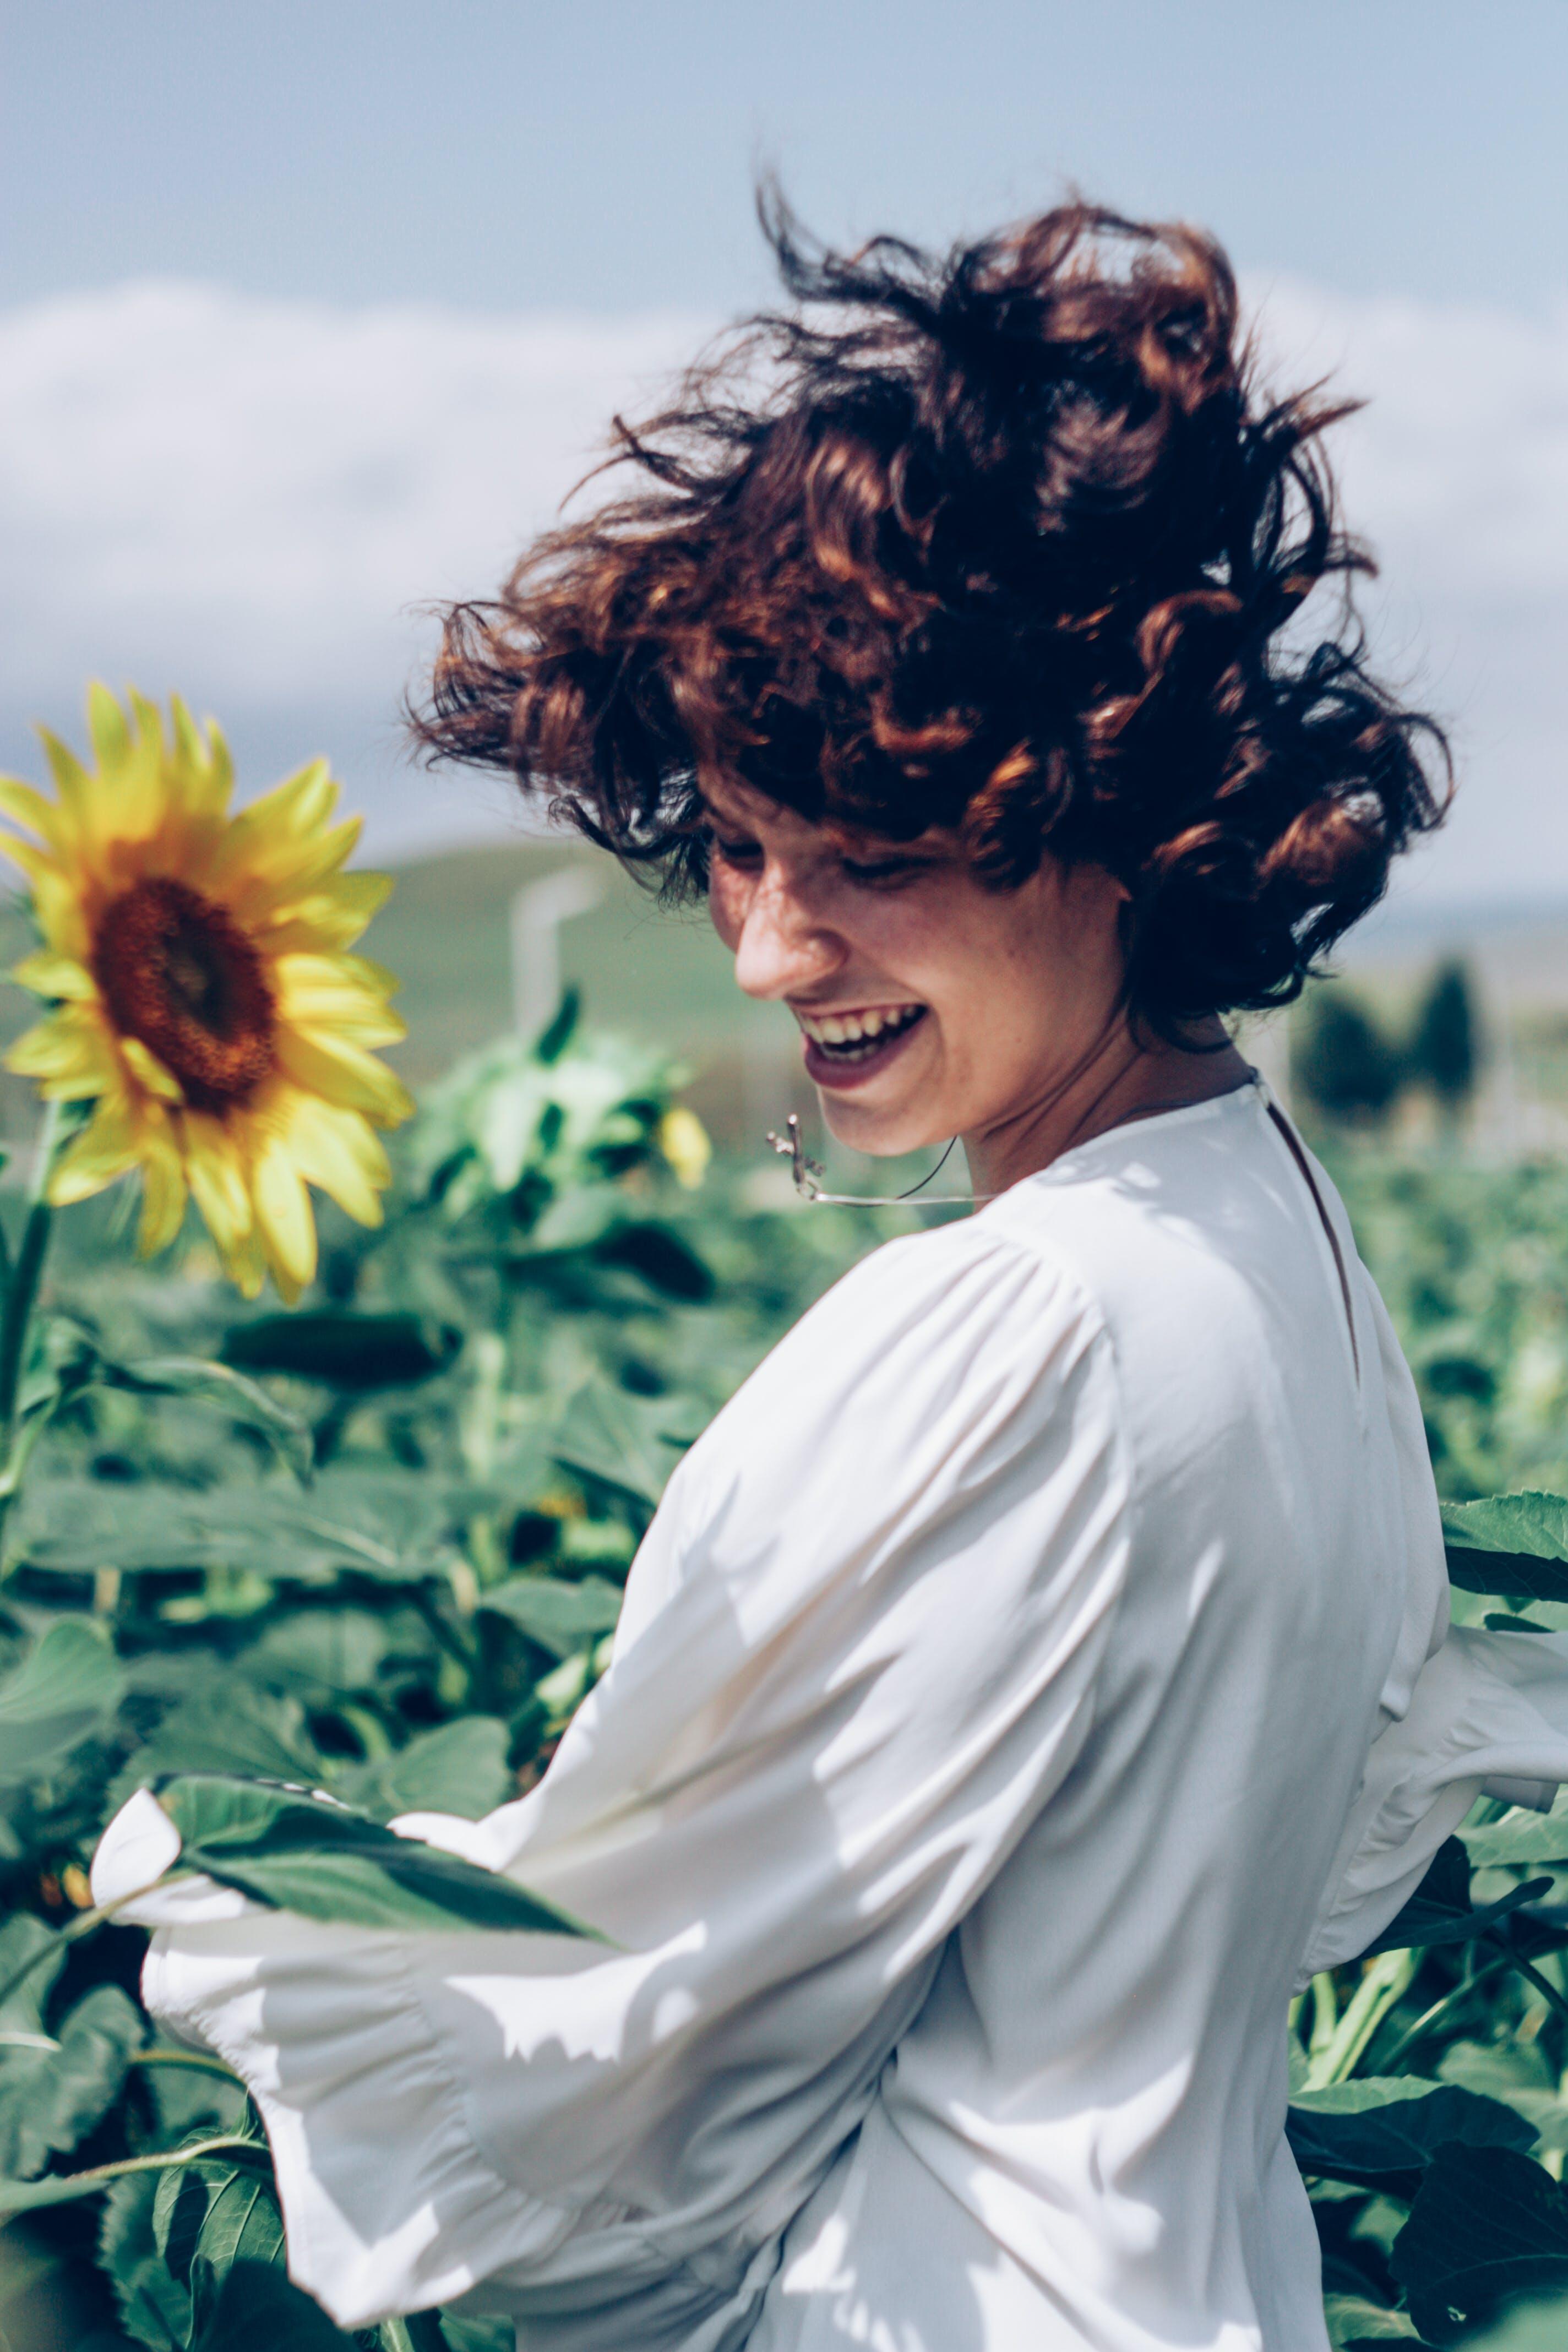 Gratis stockfoto met aantrekkelijk mooi, blijdschap, bloem, daglicht